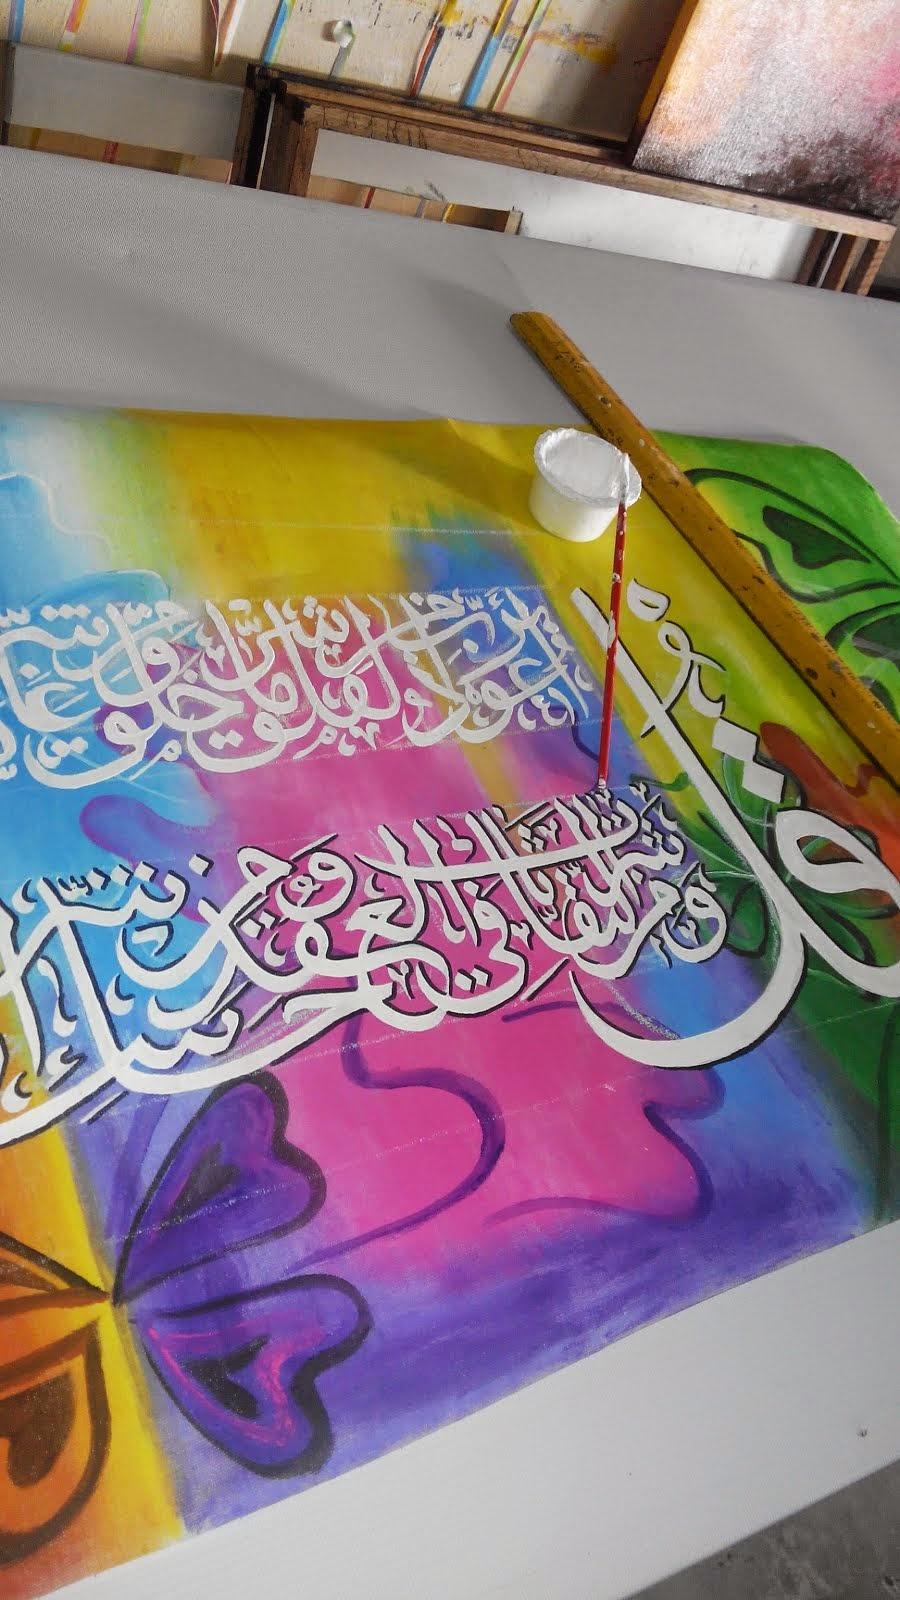 Lukisan kaligrafi desa..(LUKISAN MAMPU MILIK)